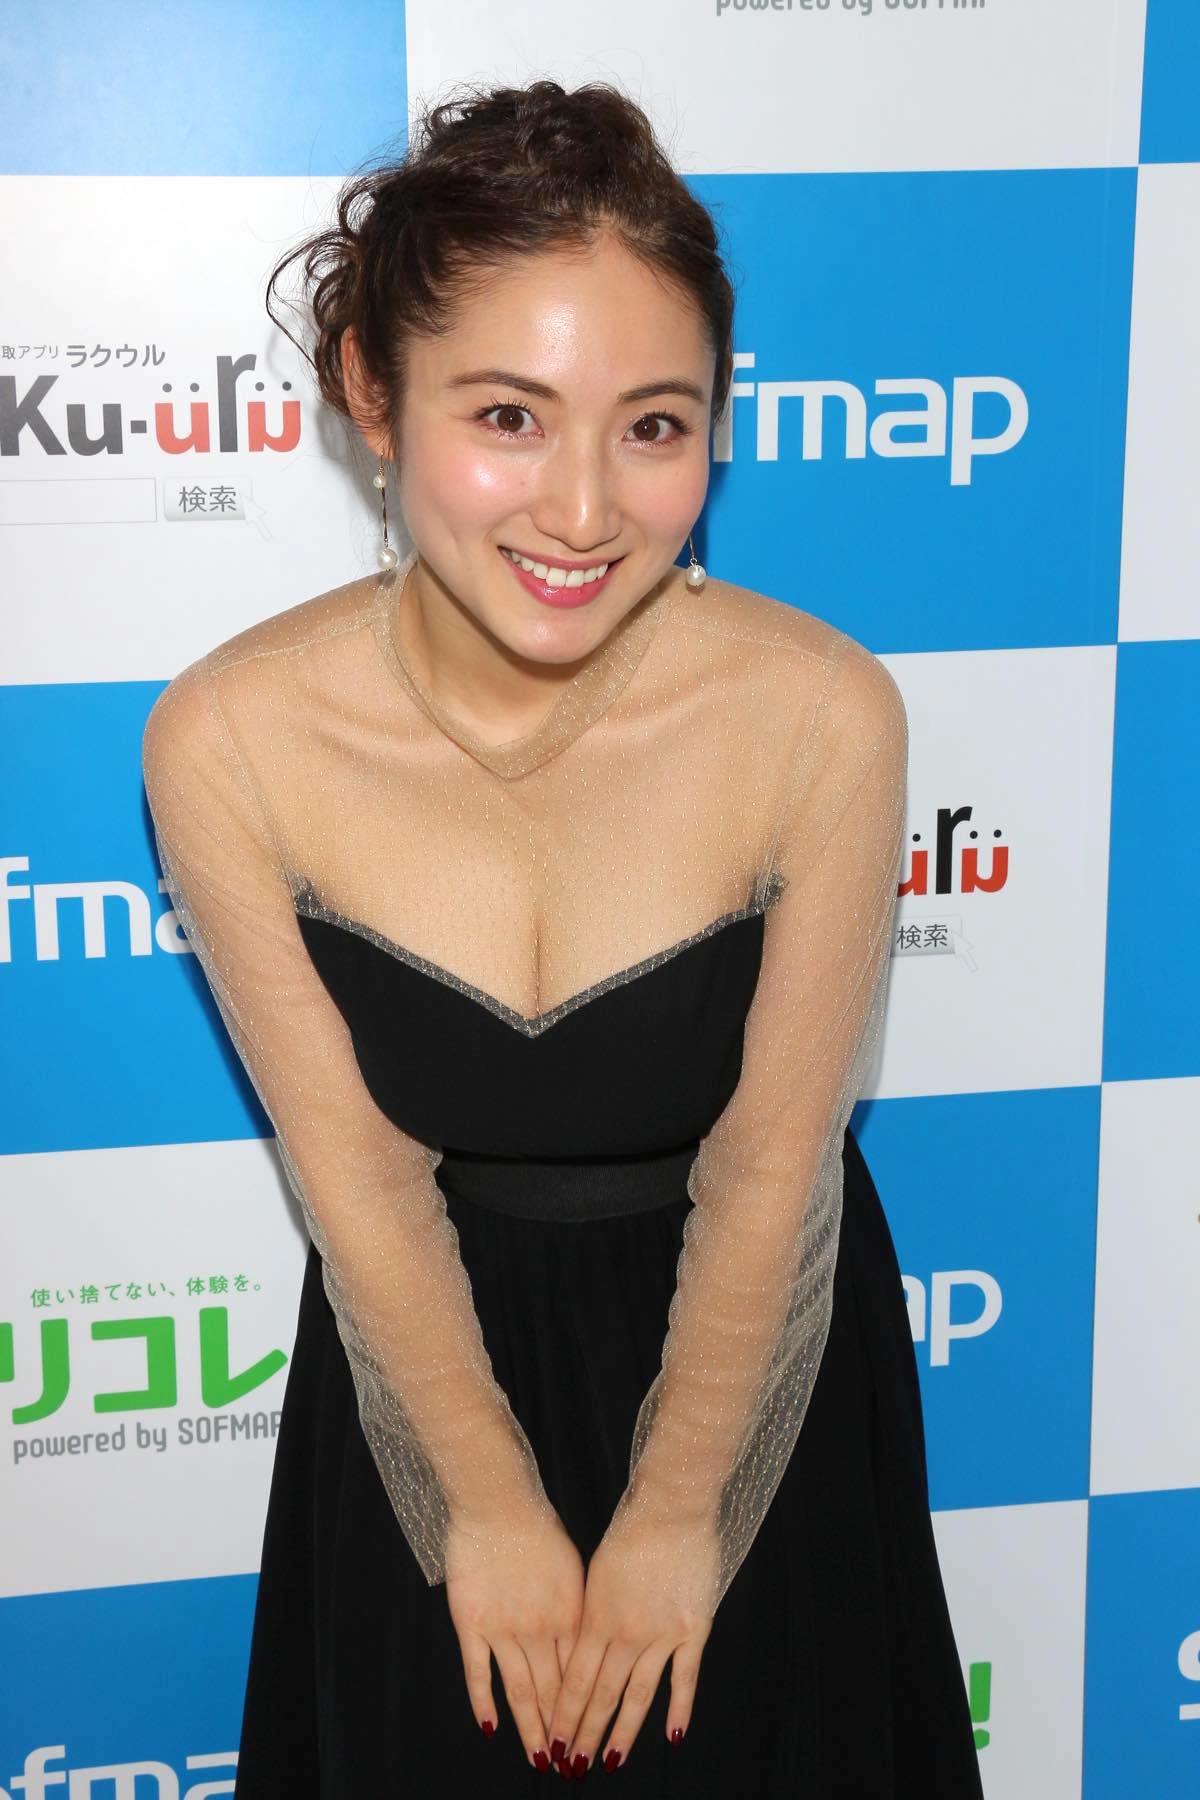 紗綾のグラビア水着ビキニ画像0022